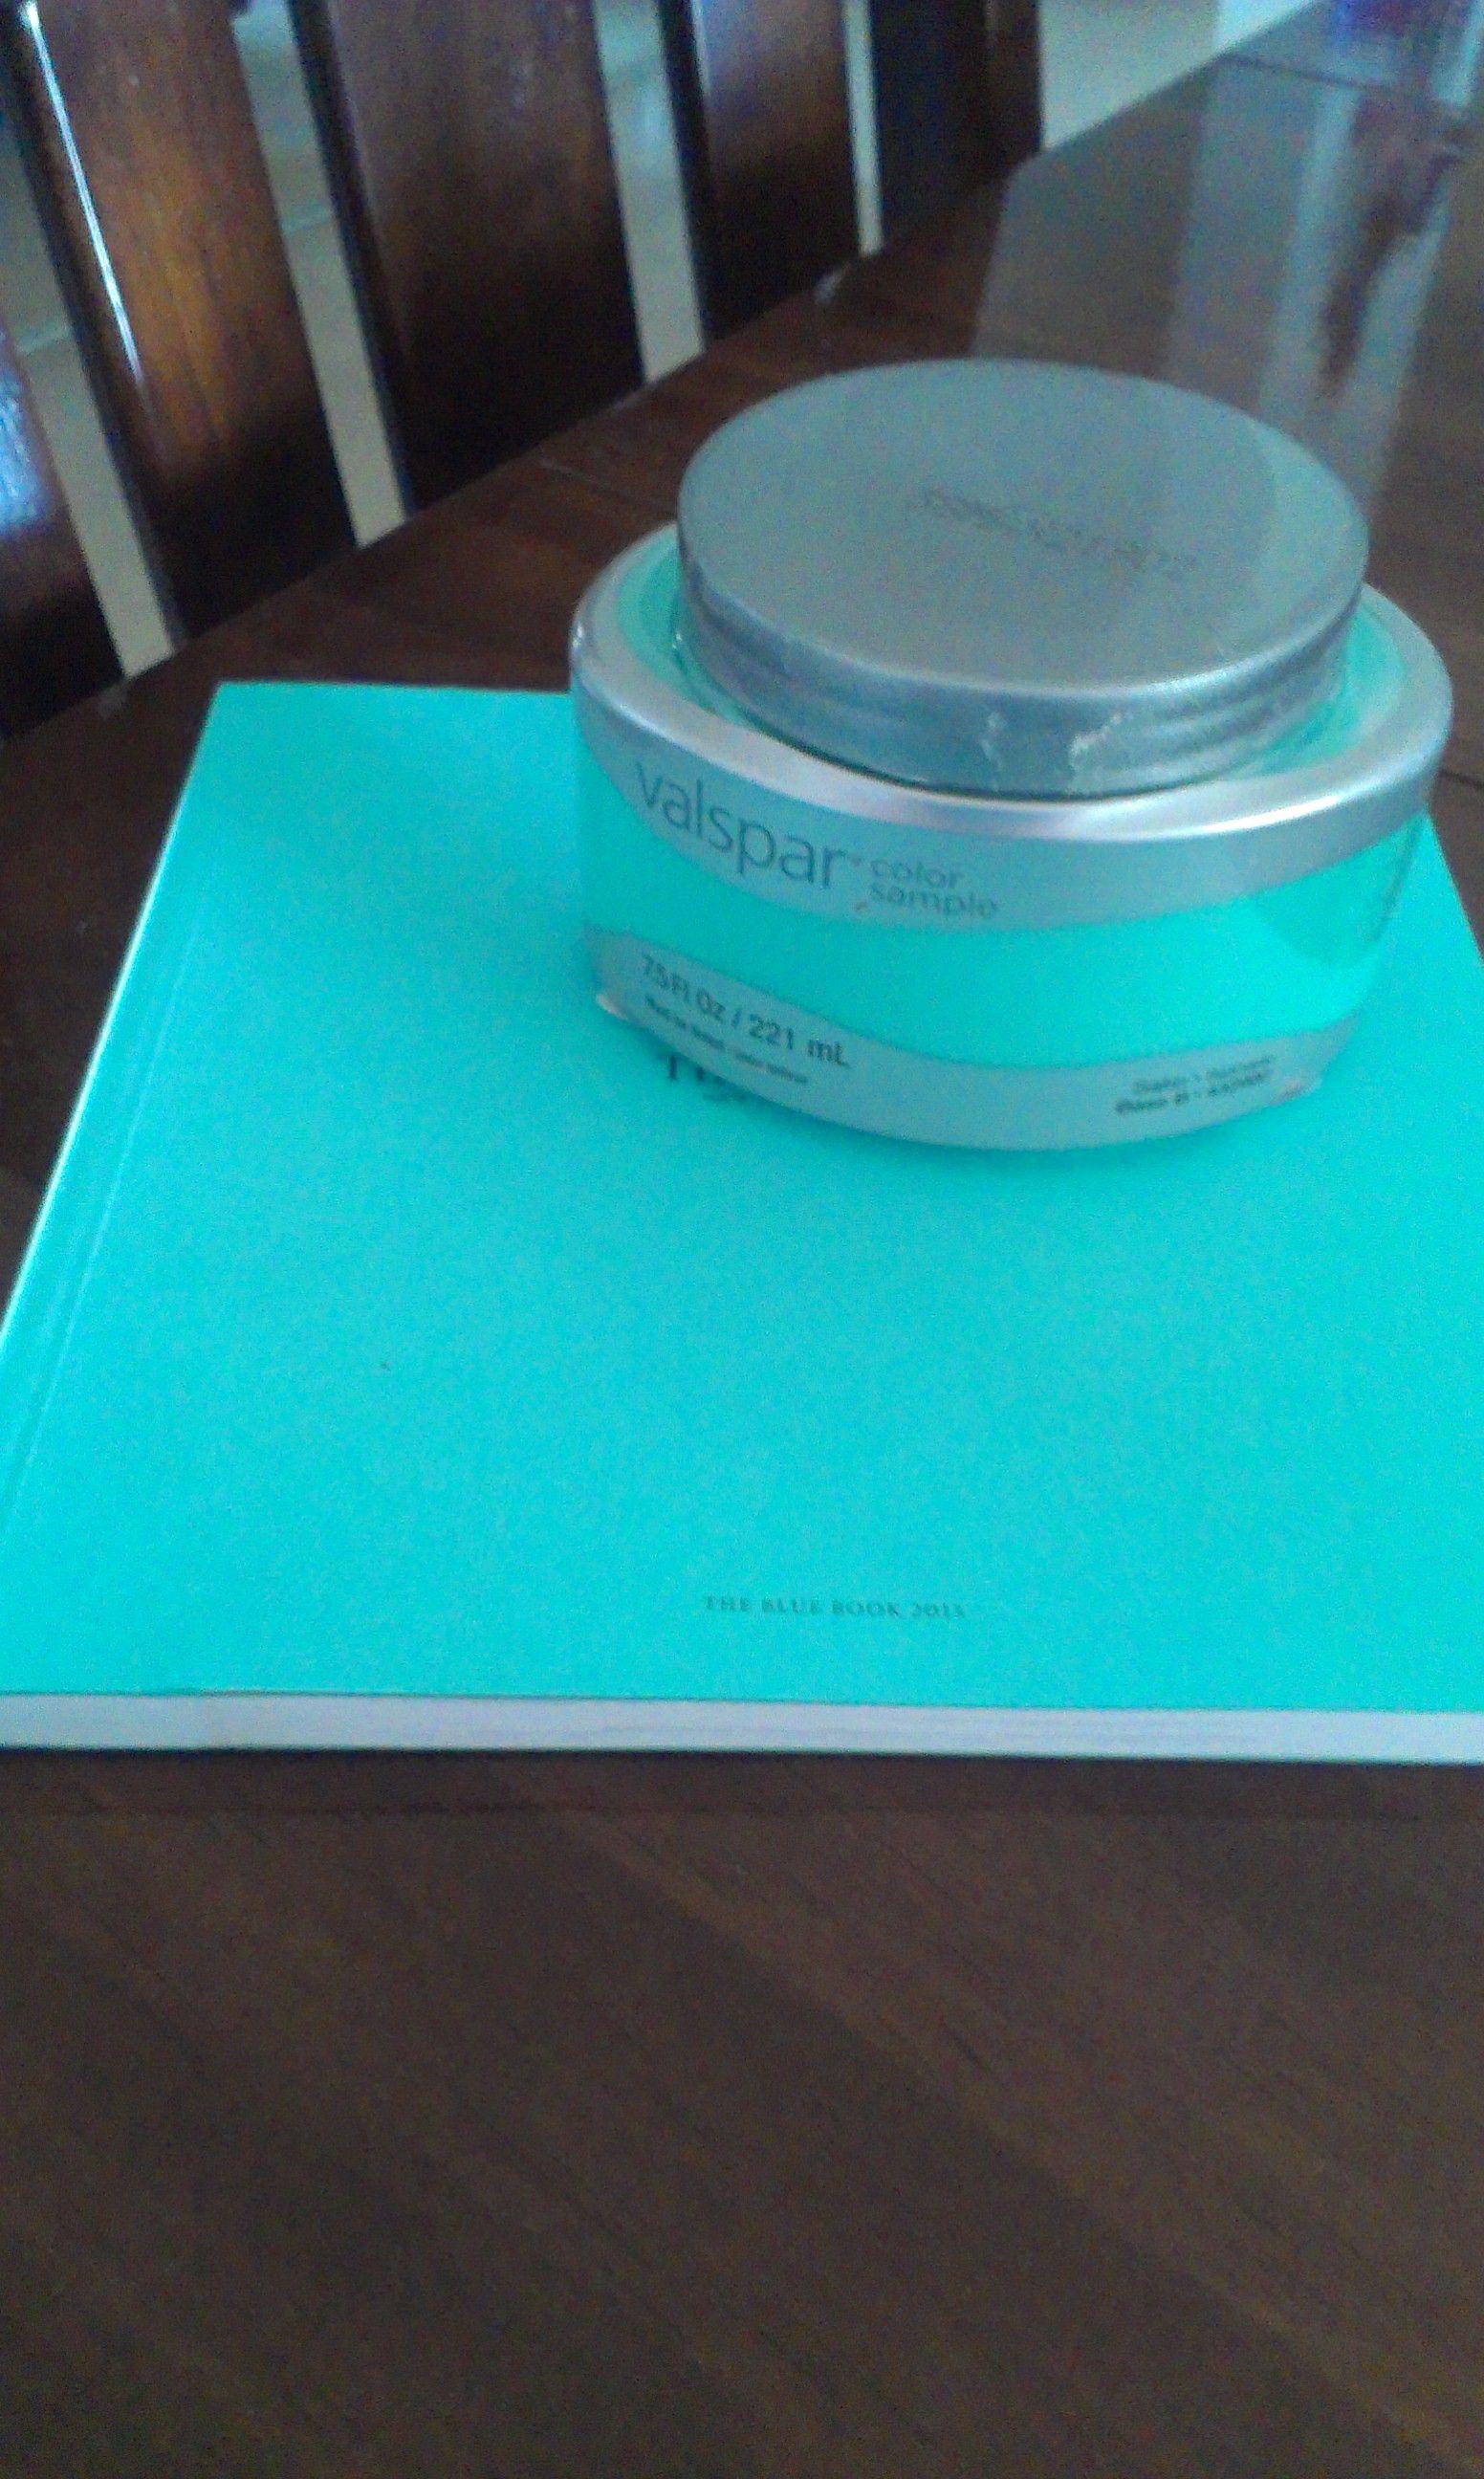 Blue paint samples - Want Tiffany Blue Paint Valspar Seafarer 5007 10a